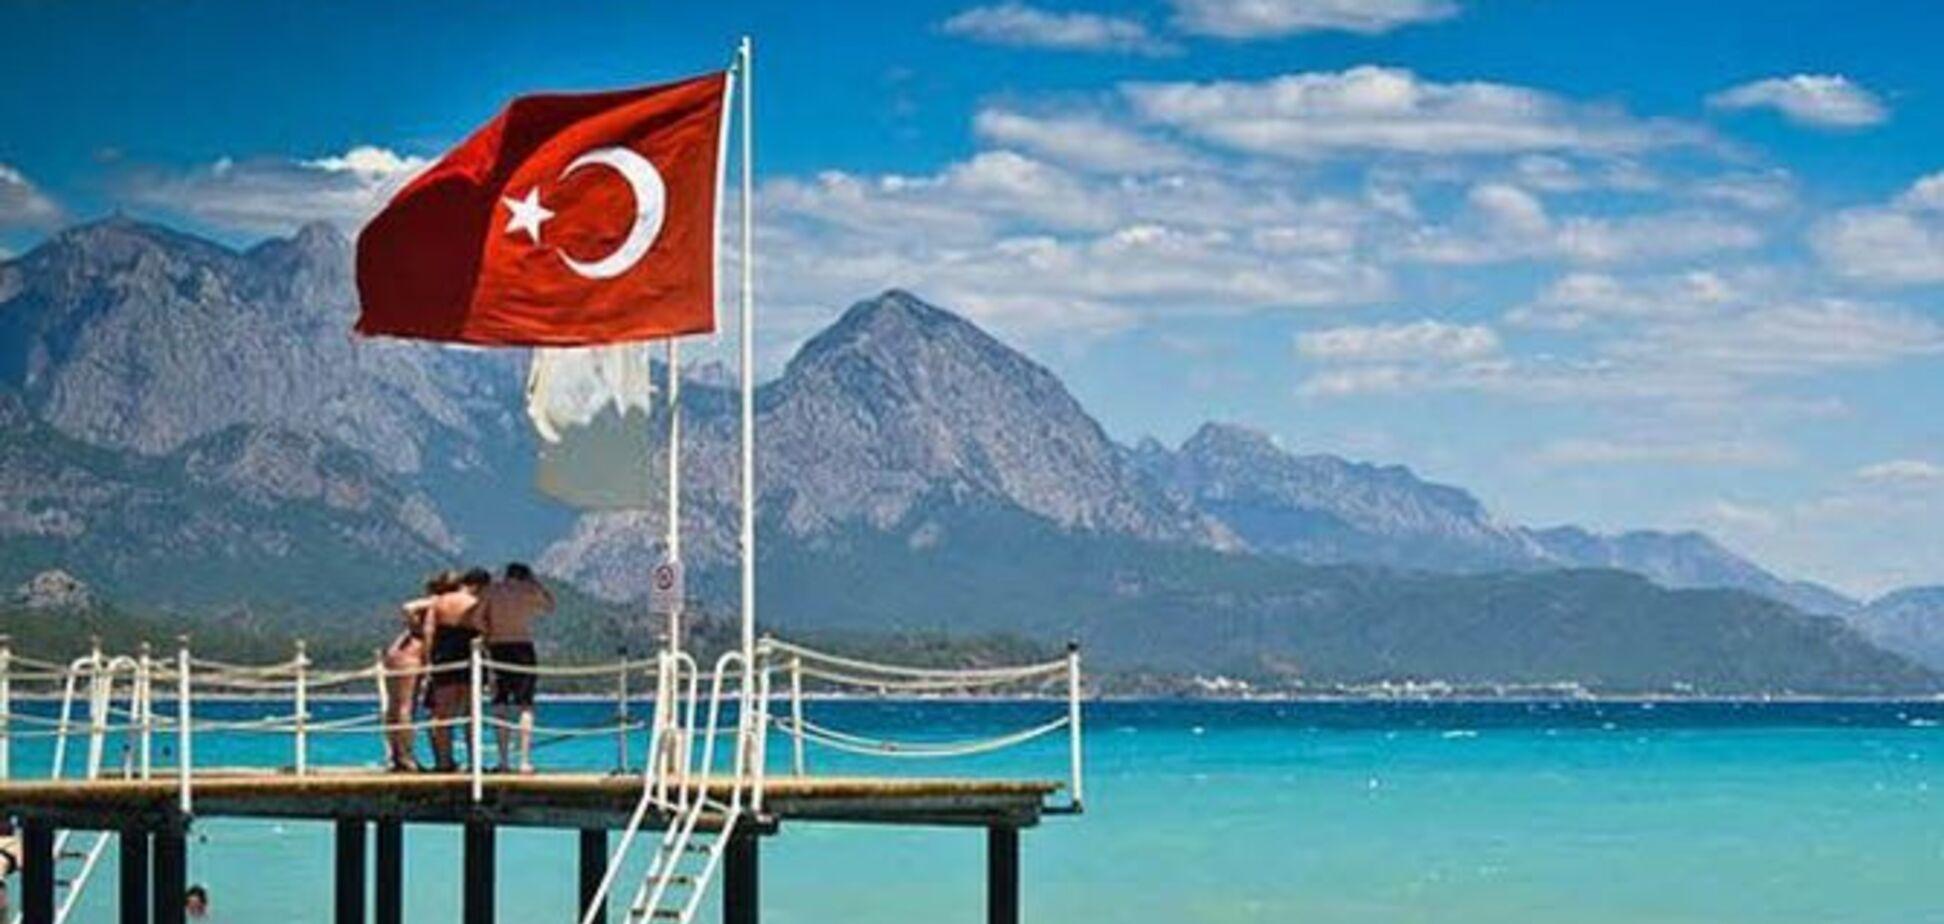 Ліра обвалилася: експерти пояснили, як зміняться ціни на відпочинок у Туреччині